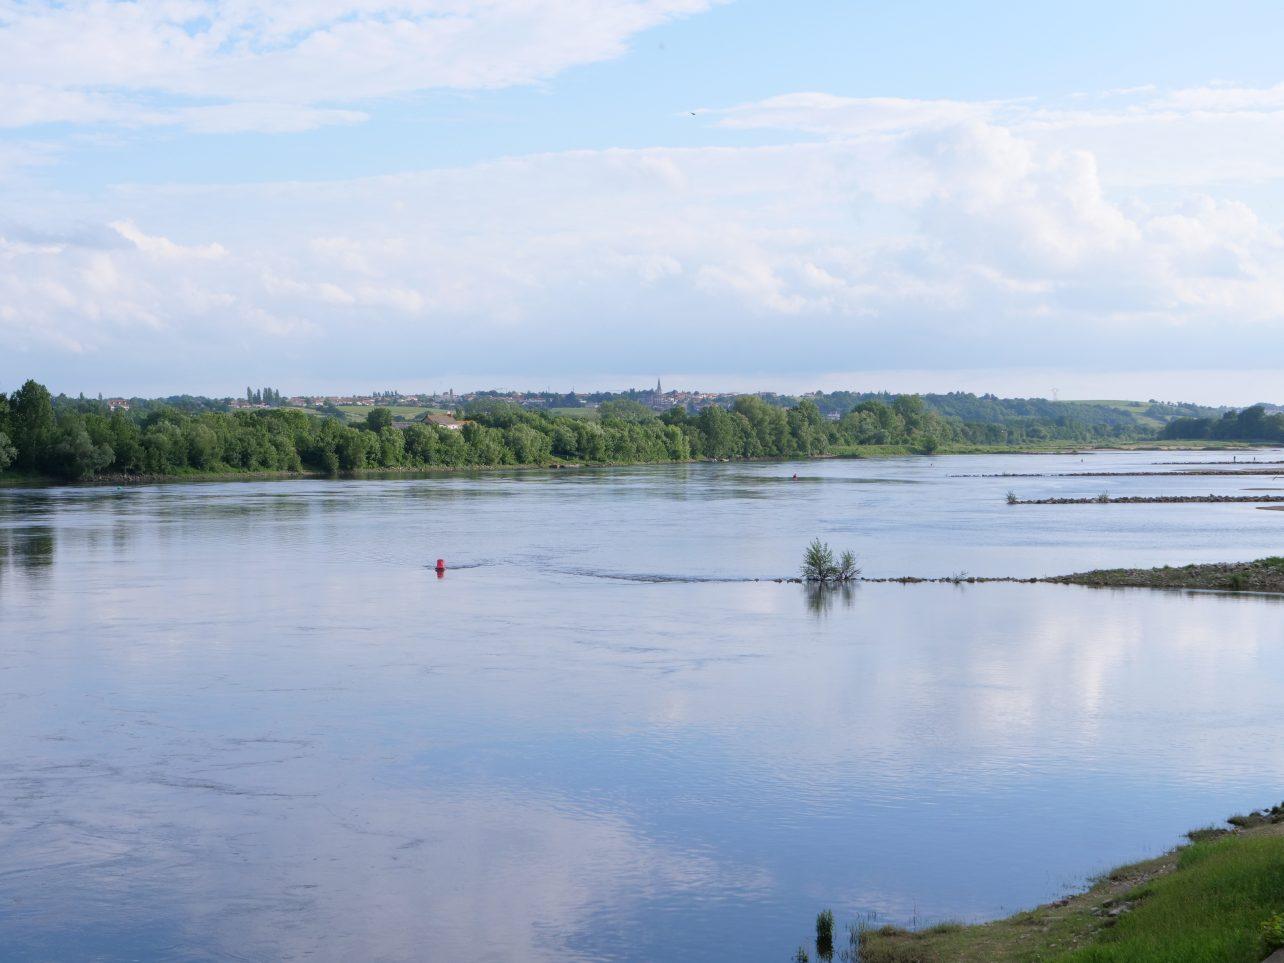 Se promener sur les bords de Loire, l'une des choses à faire à Ancenis